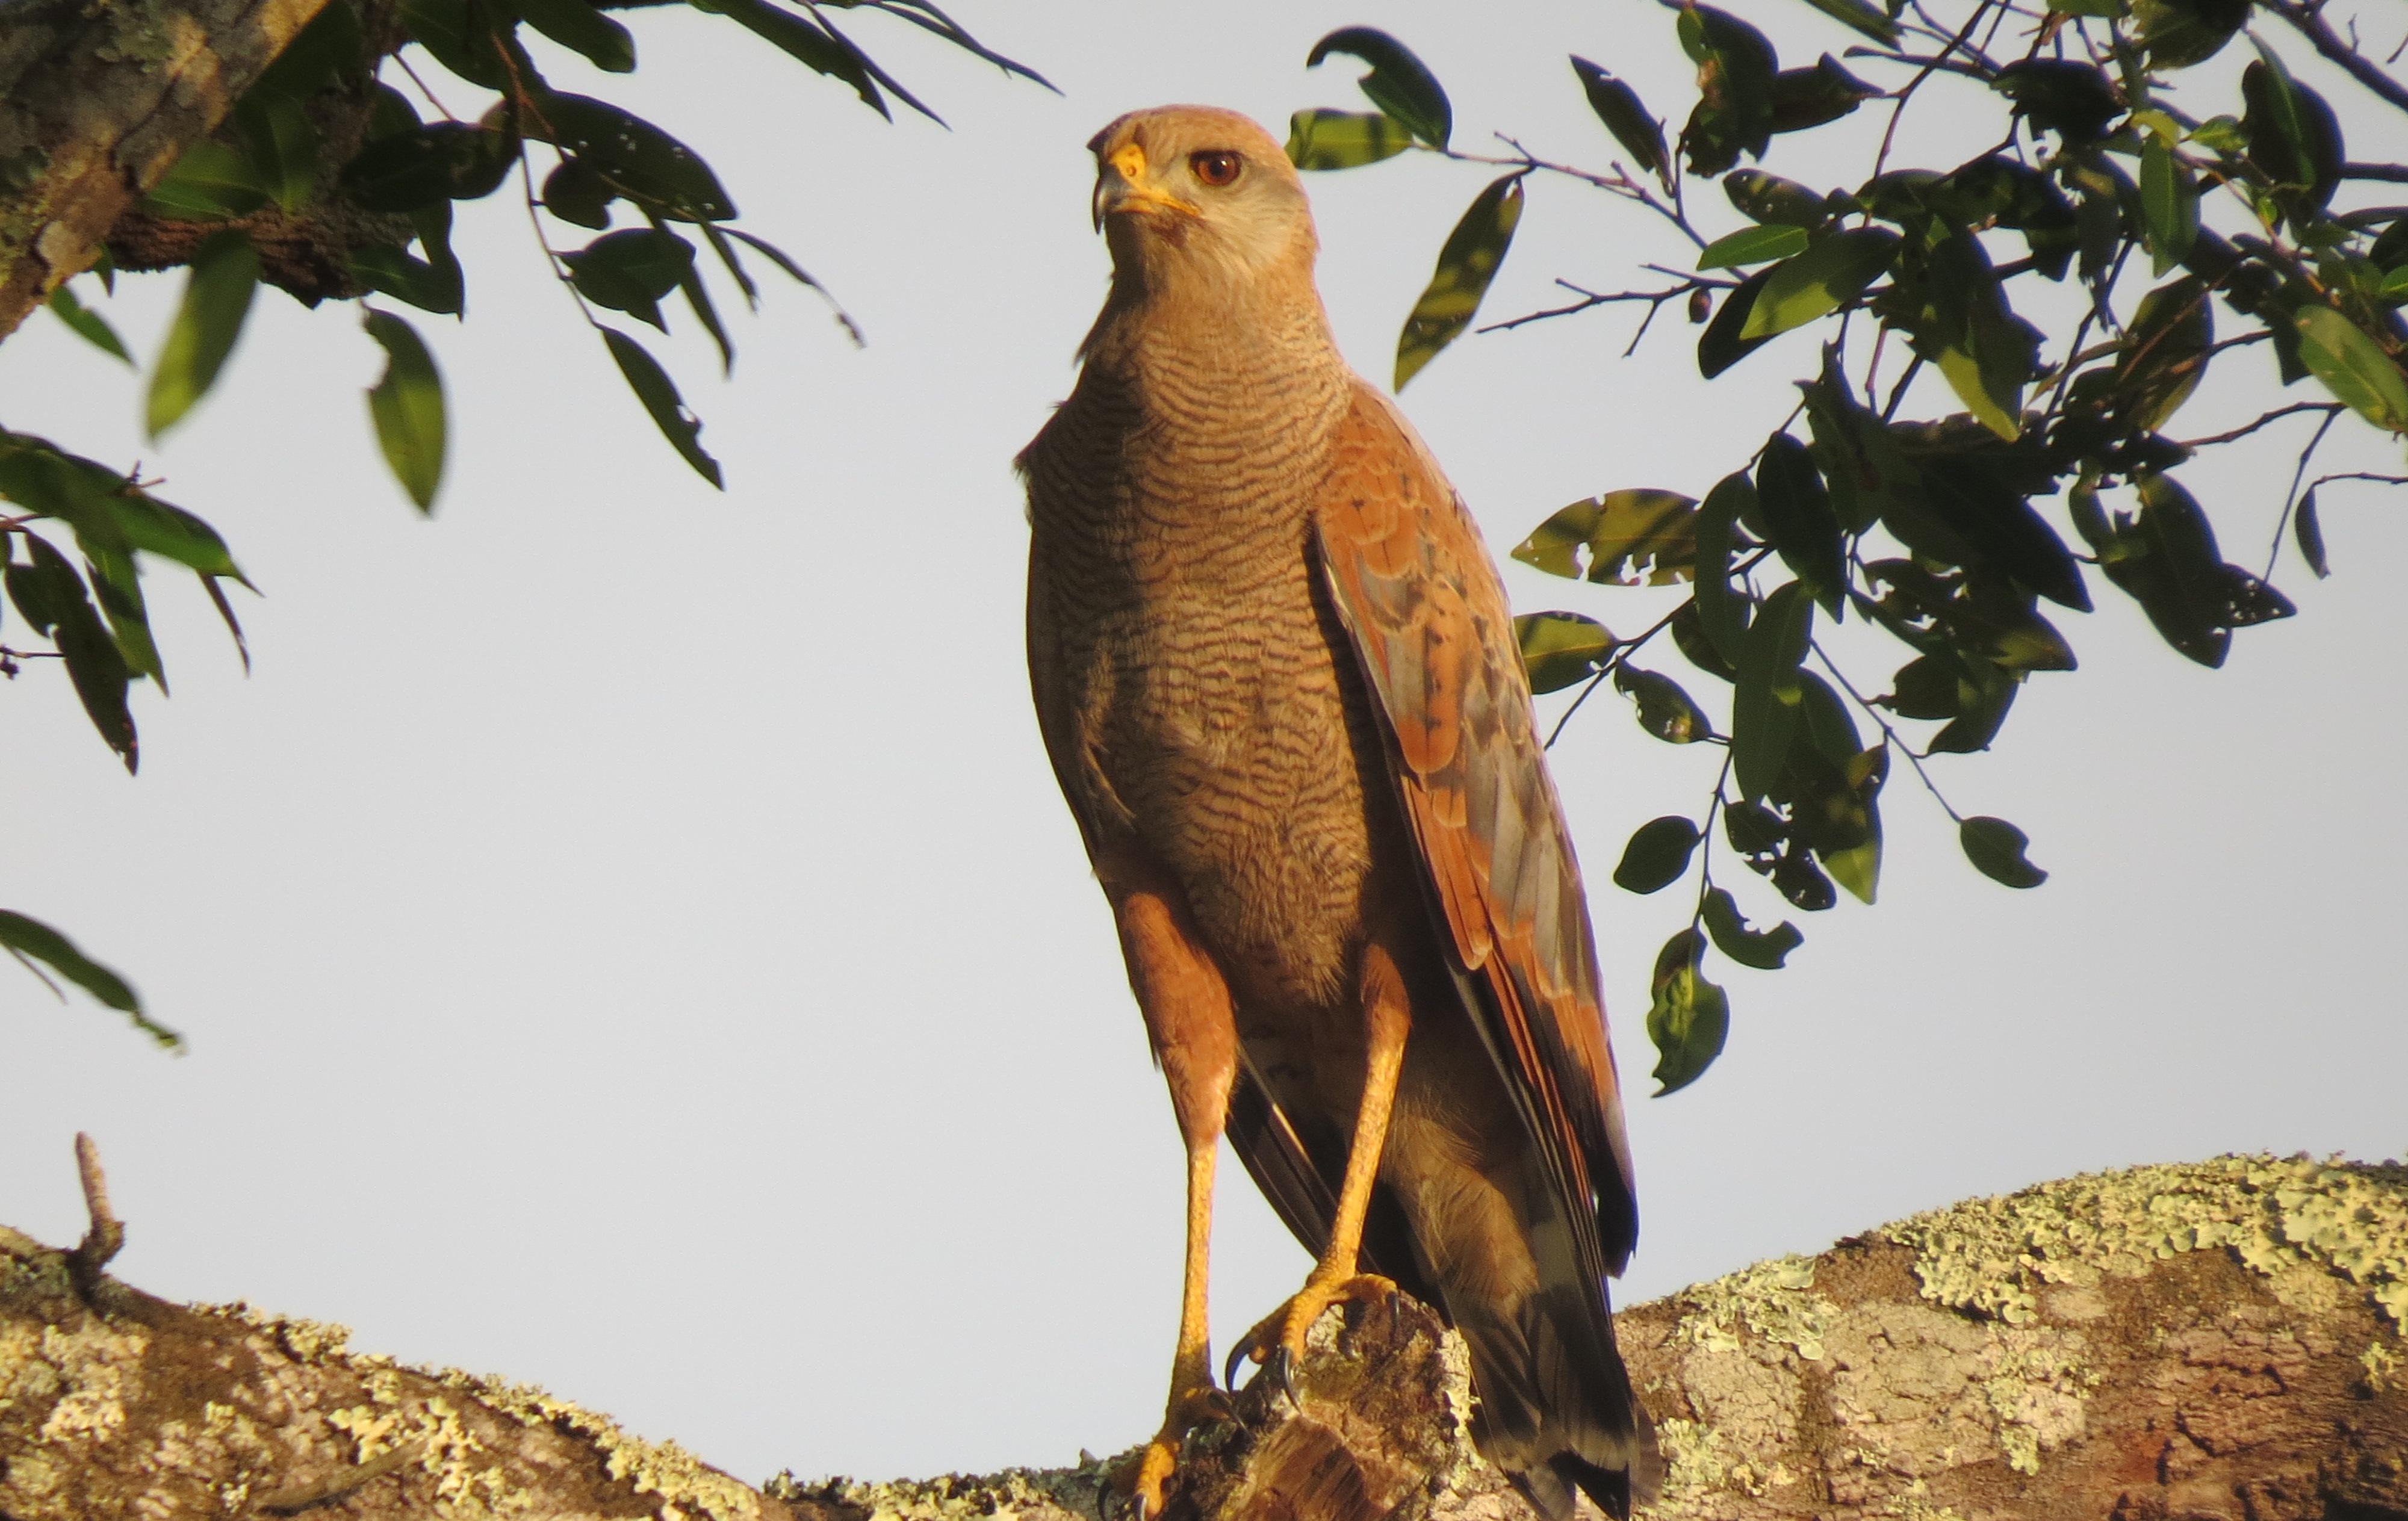 Aguila Colorada